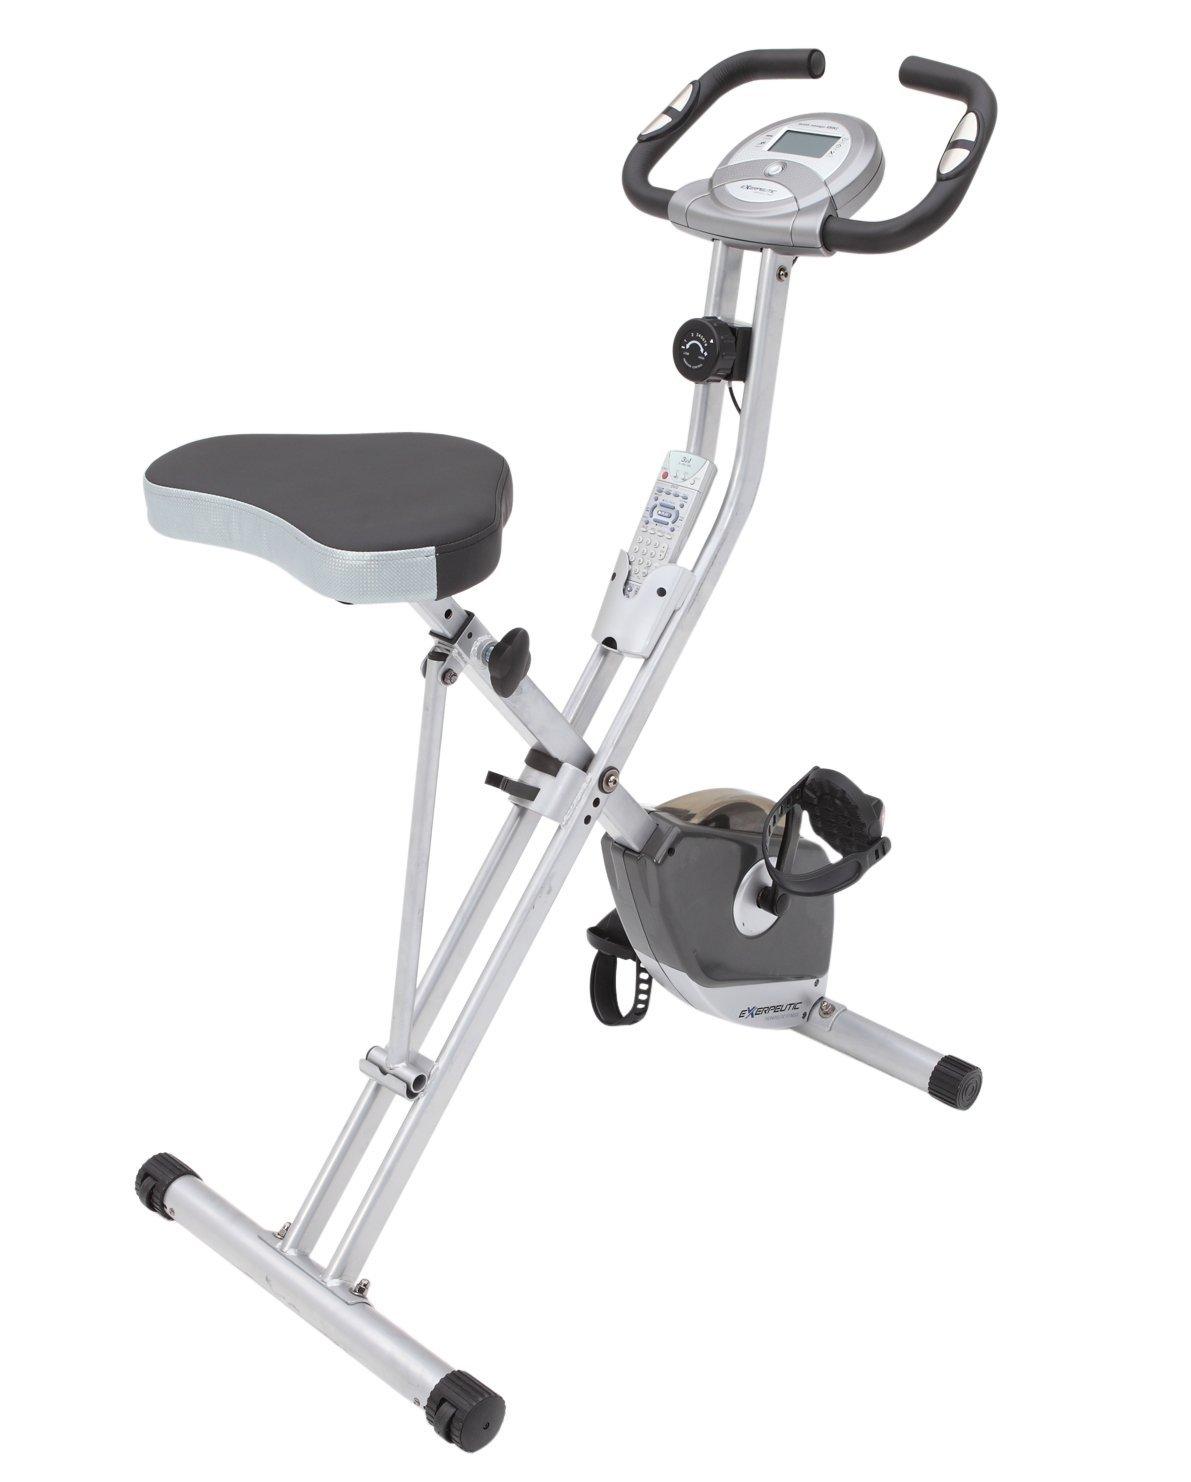 Exerpeutic Exercise Bikes